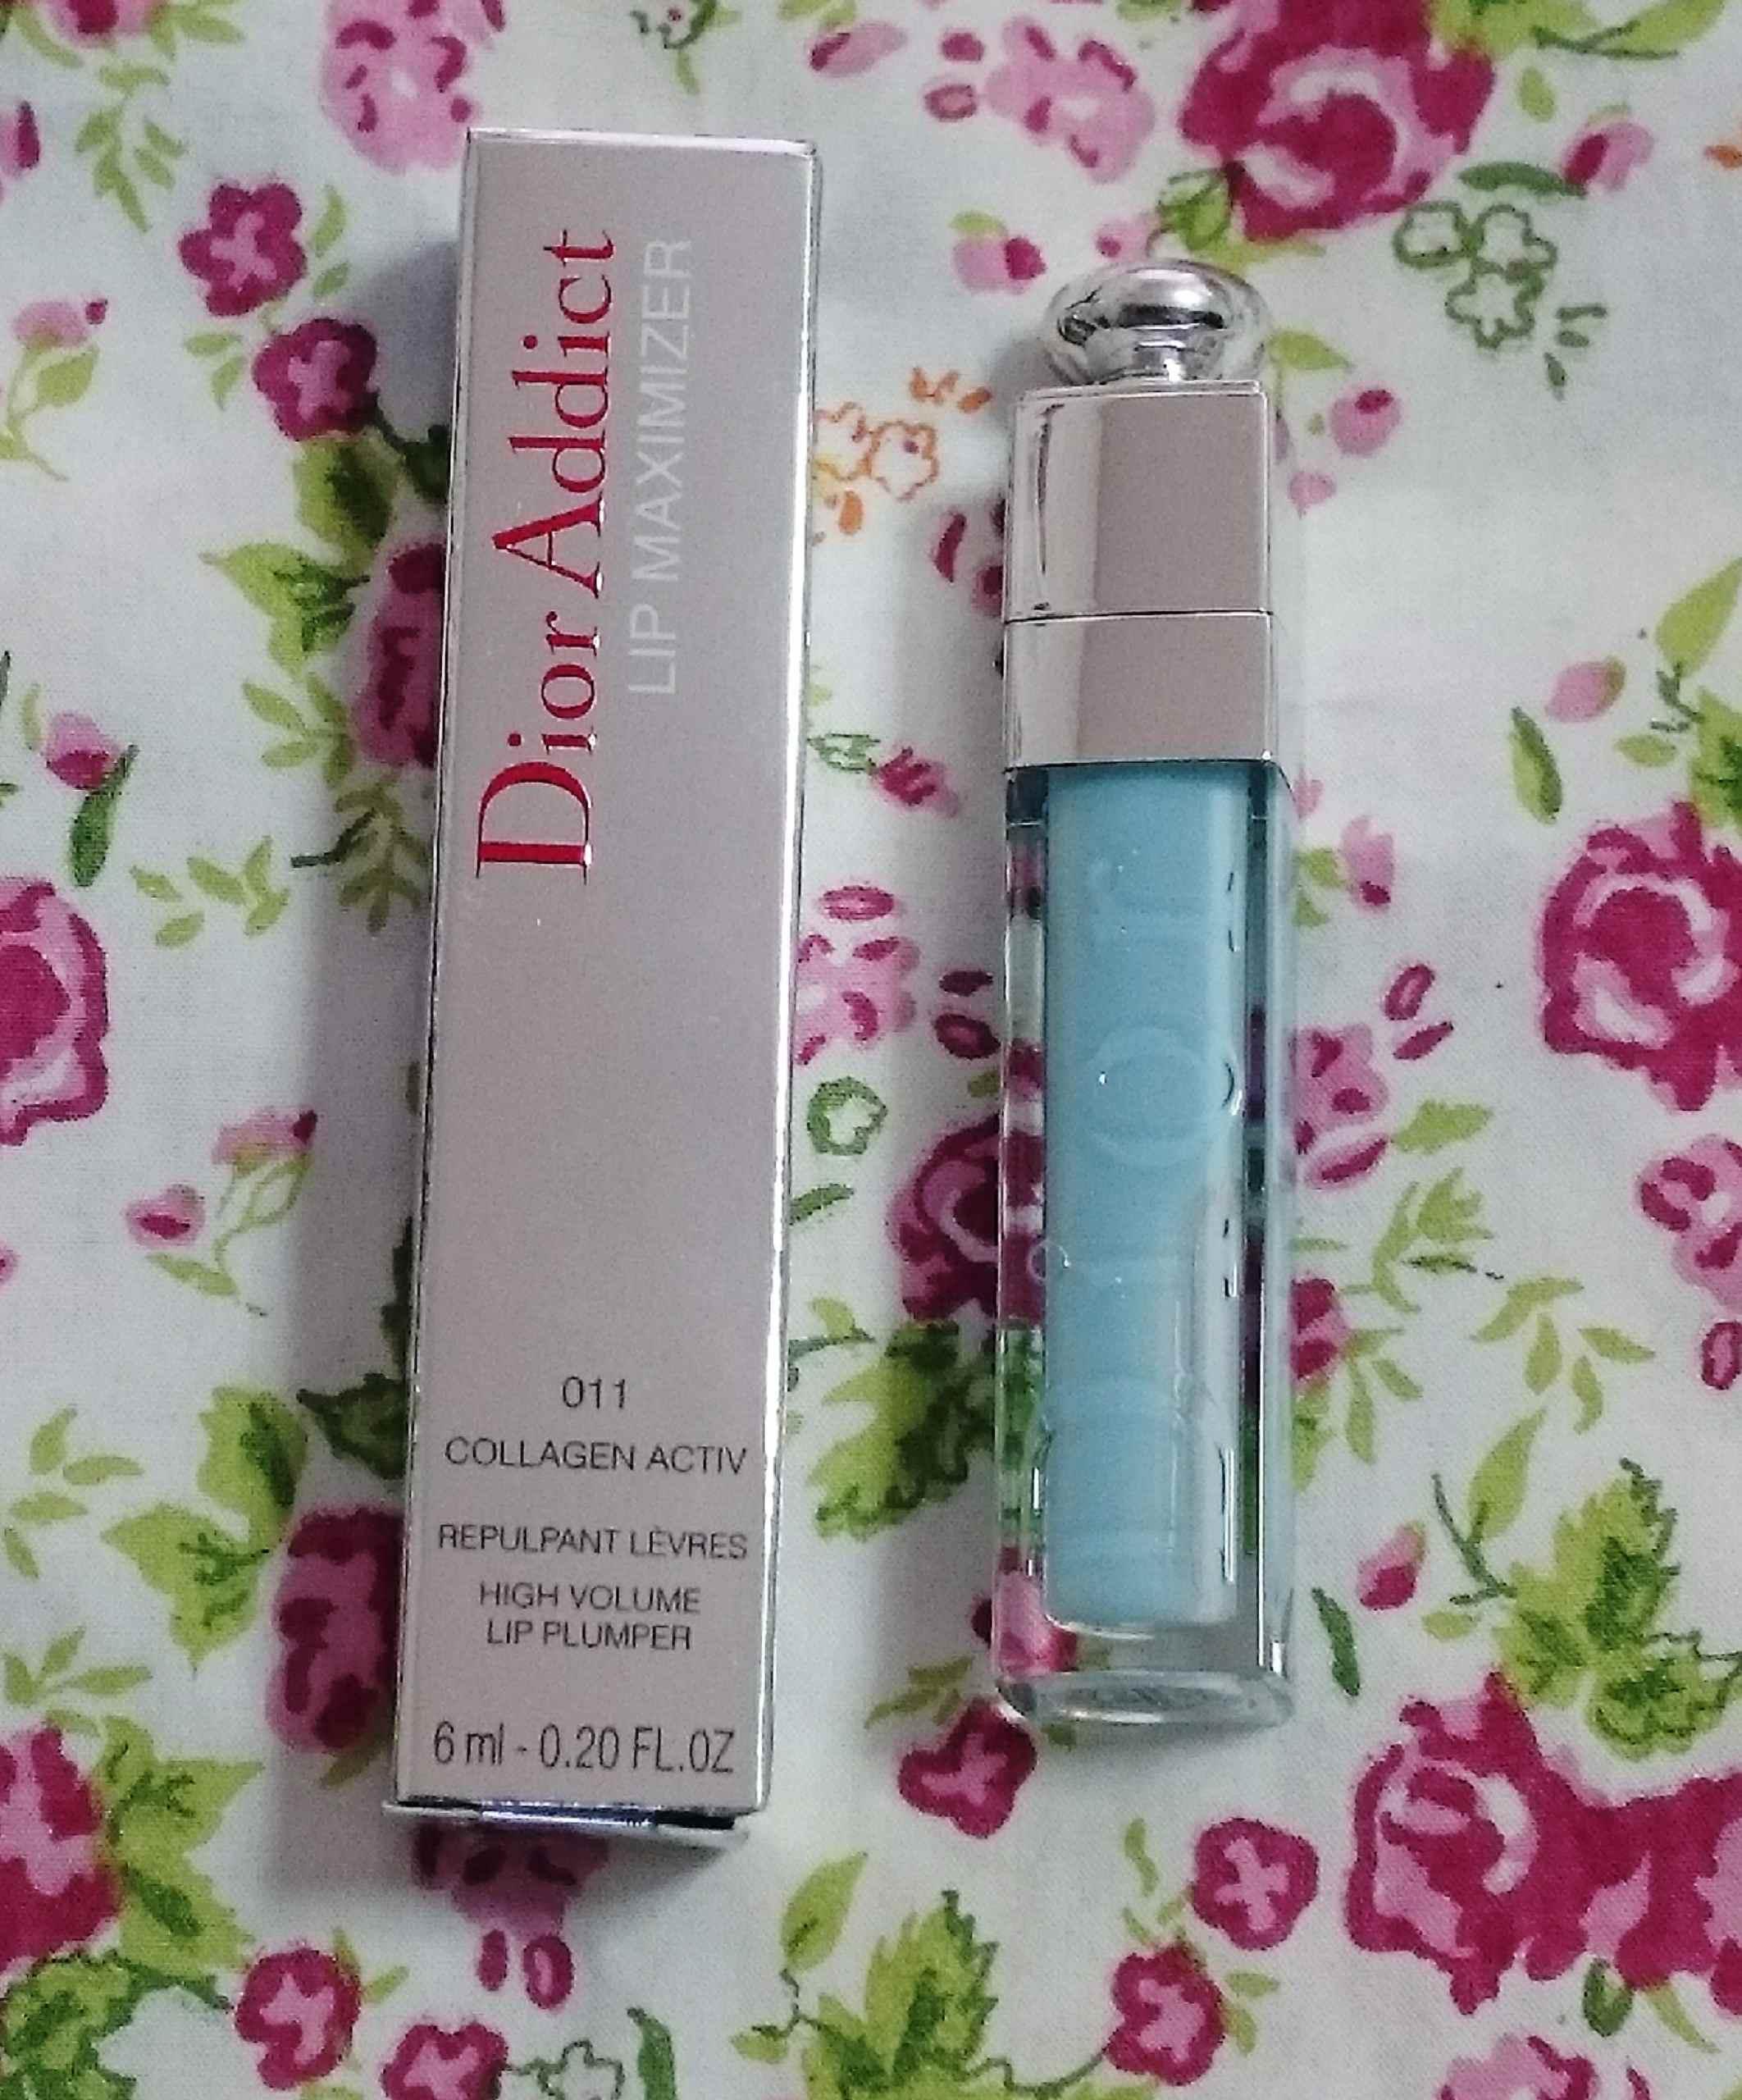 Diorの人気グロス『リップマキシマイザー』から新色ブルーが限定発売!